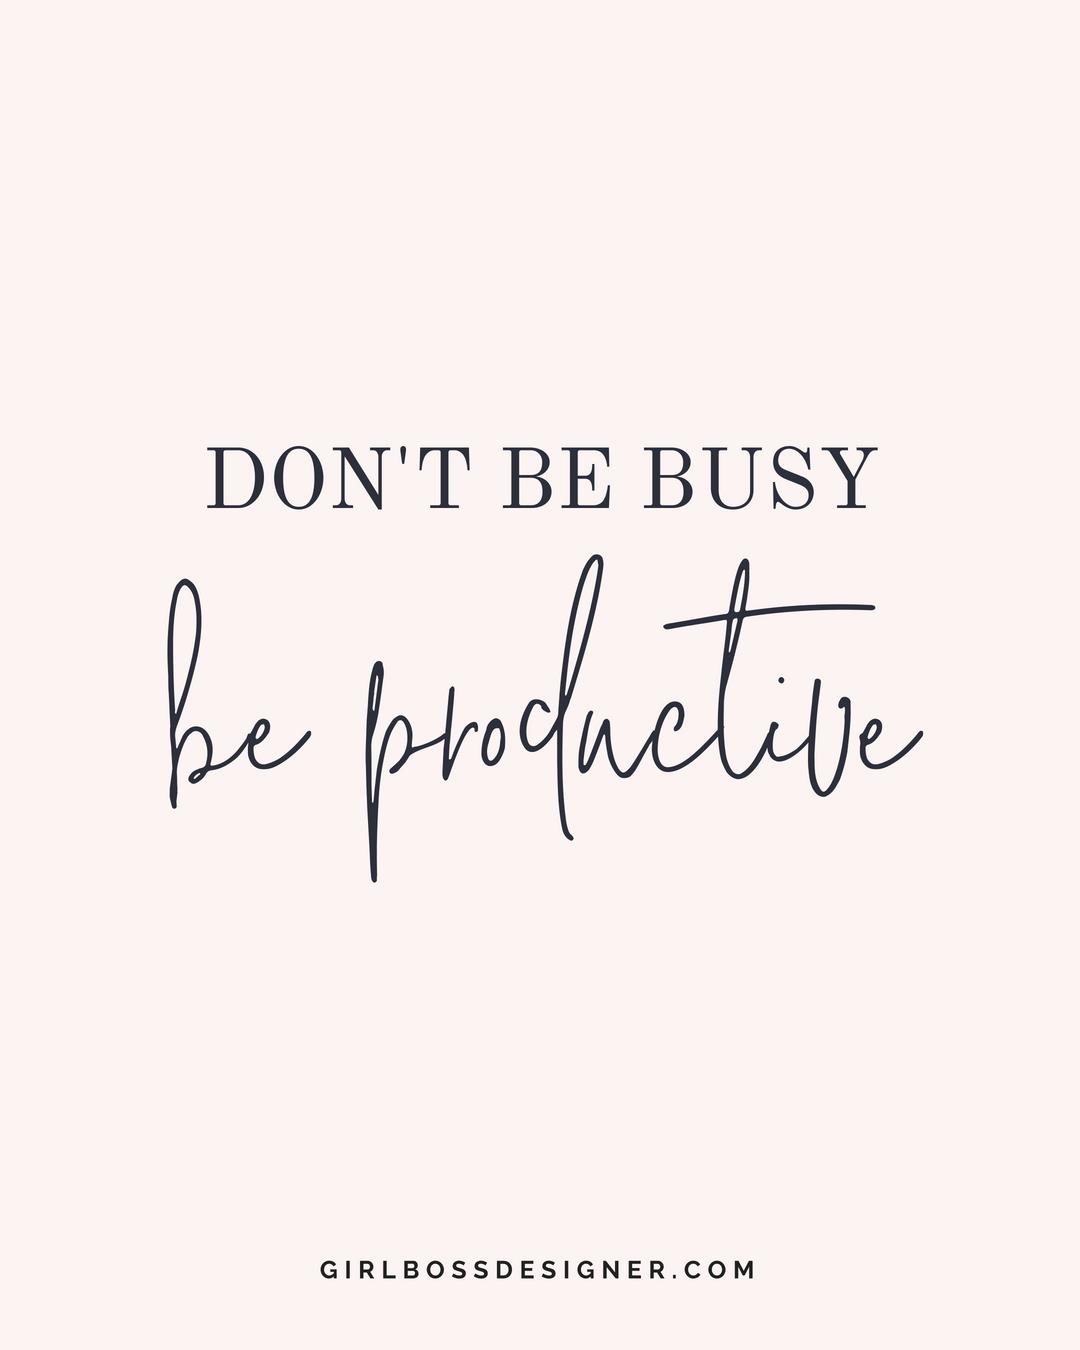 Branding, logo design and web design for women entrepreneurs by Girlboss Designer. #girlboss #ladyboss #womenentrepreneurs #branding #logodesign #bossbabe #makeithappen #femaleentrepreneurs #quotes #inspiration #girlbossquotes #inspireothers #businessquotes #goaldigger